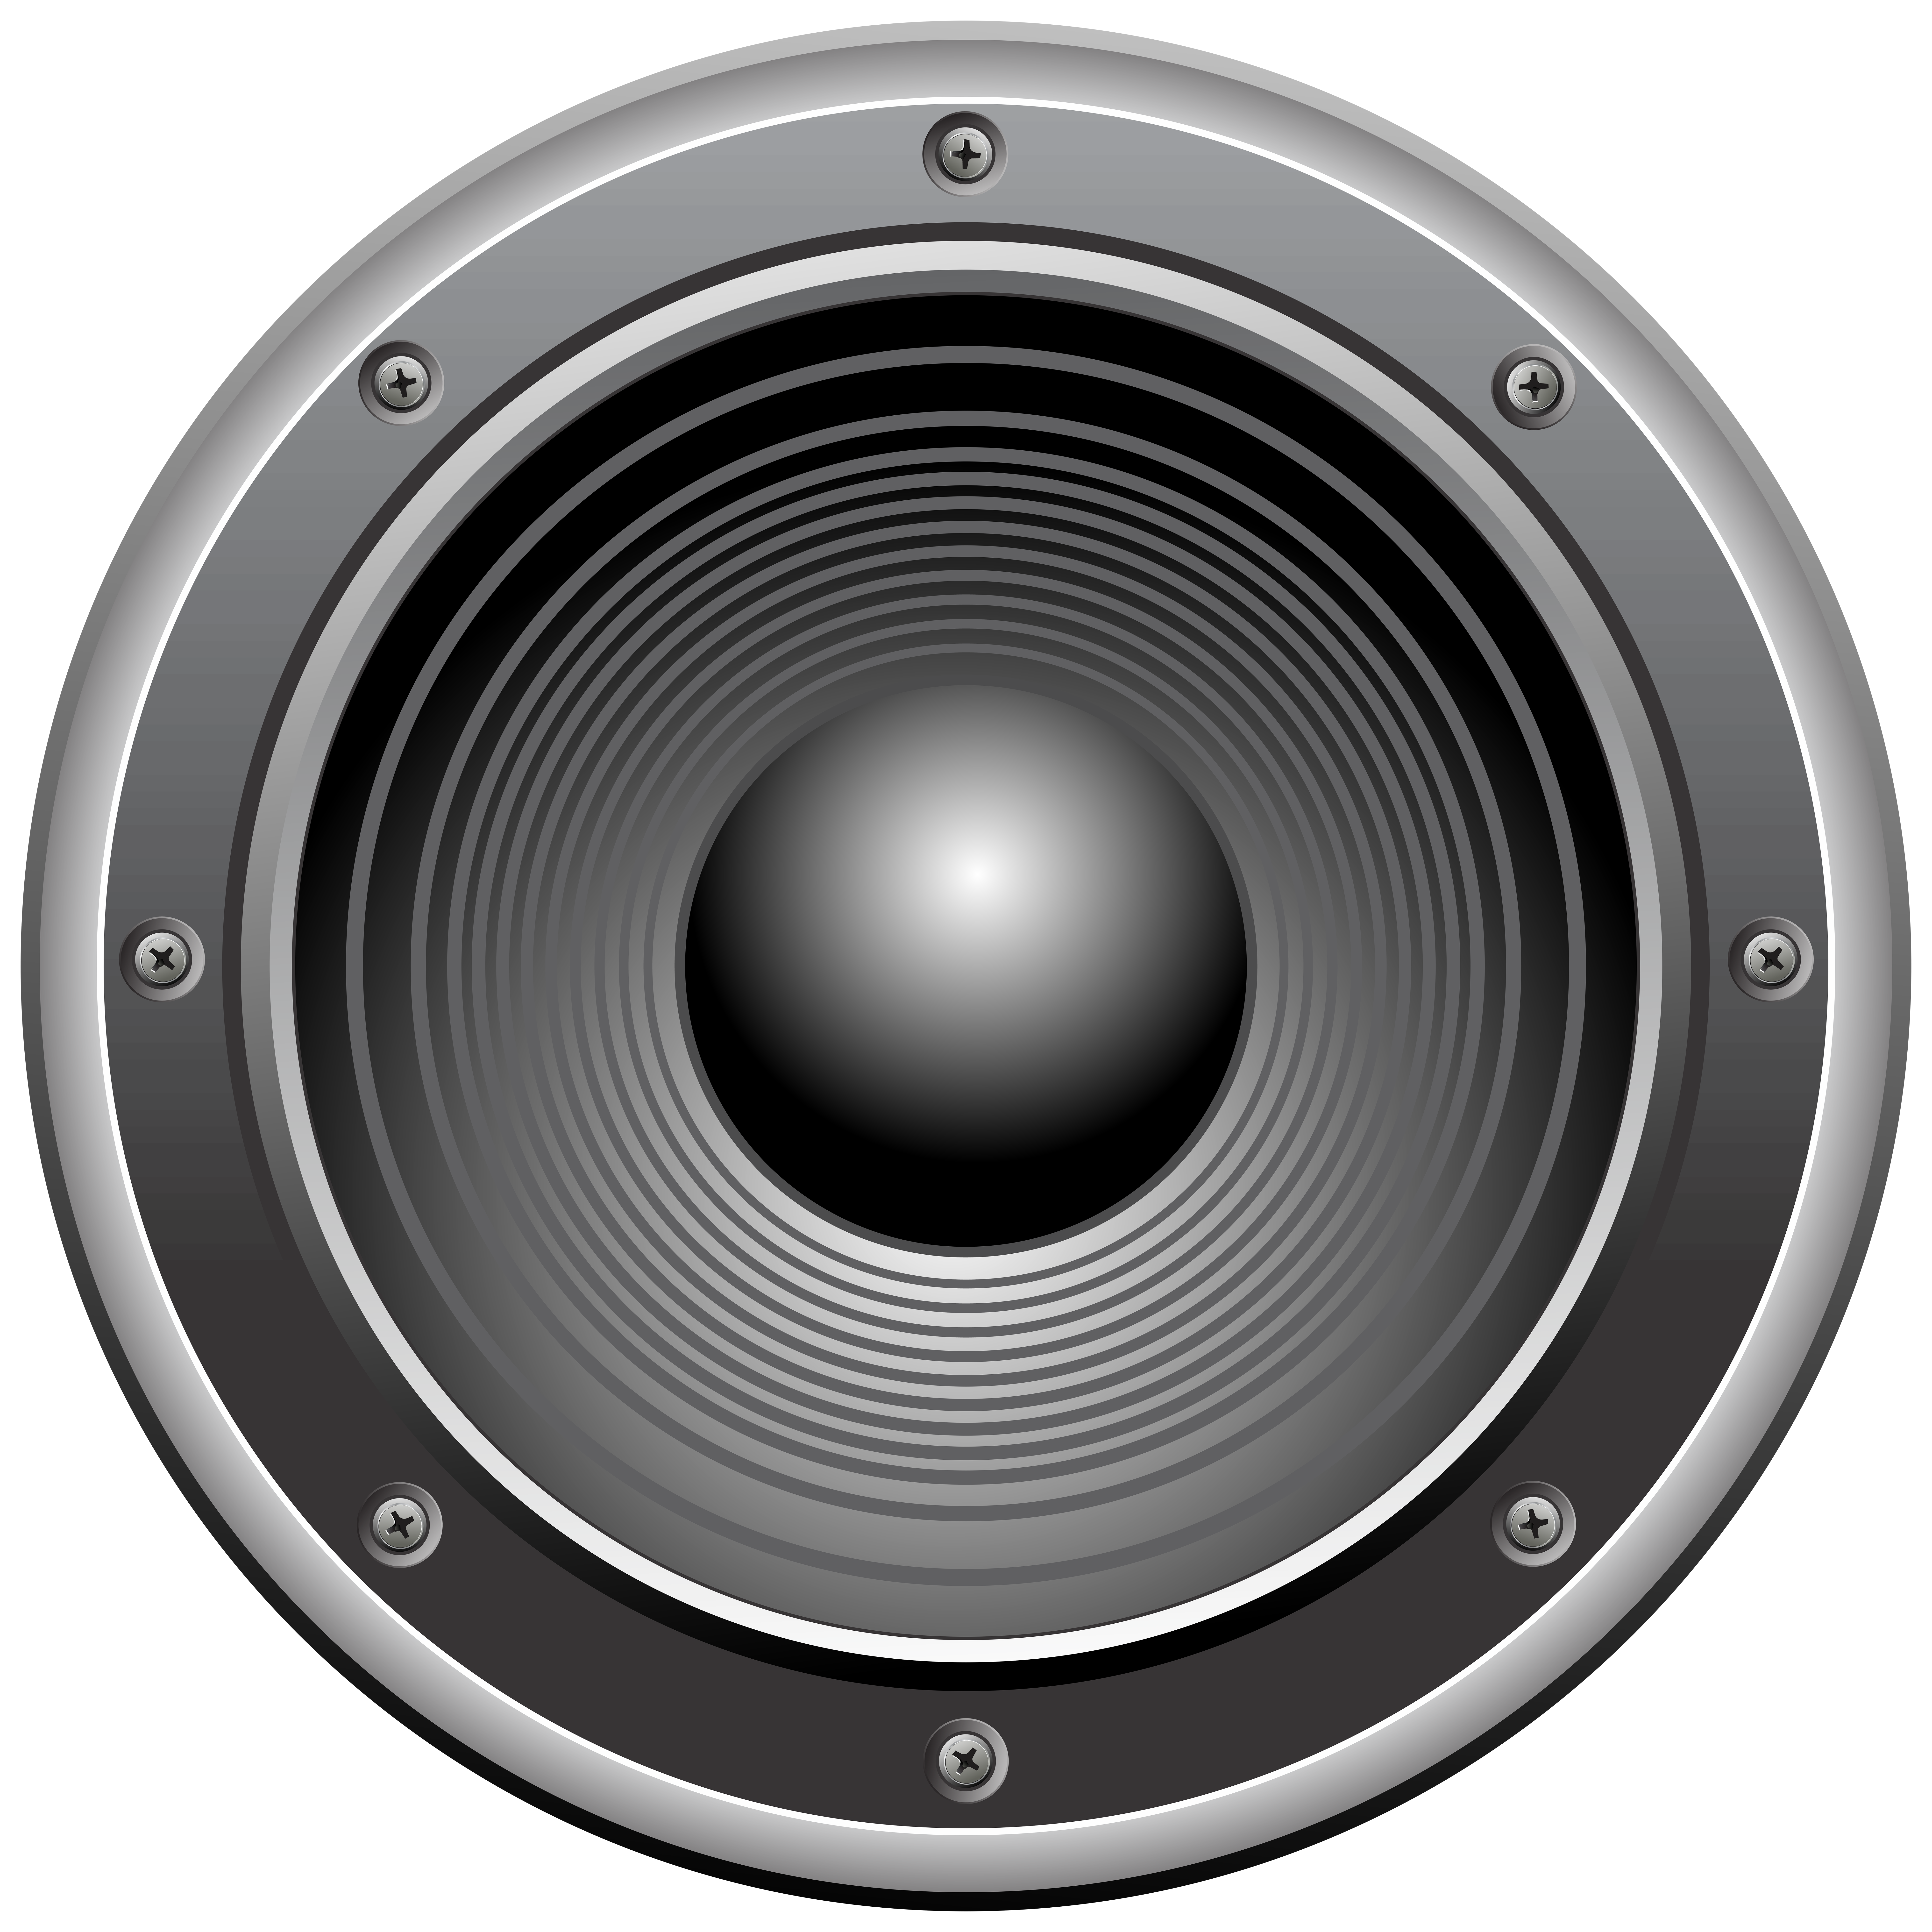 Car subwoofer clipart jpg free download Loudspeaker Microphone Clip art - Speaker Transparent Clip Art Image ... jpg free download